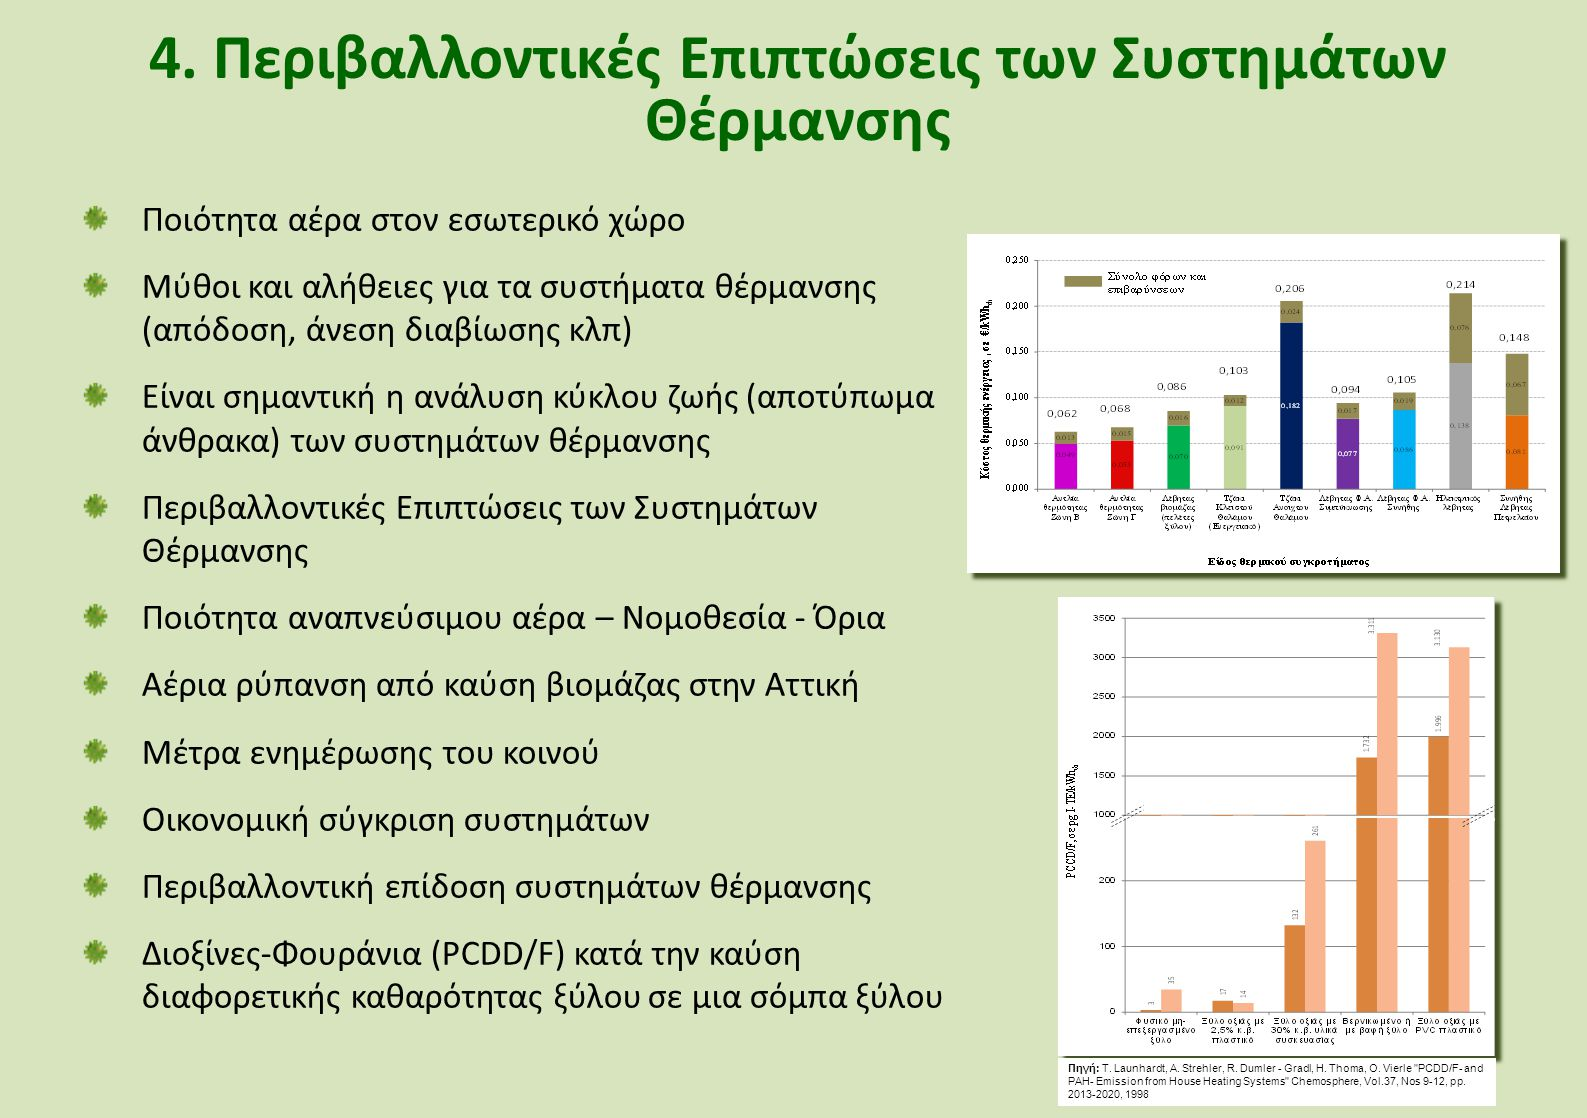 4. Περιβαλλοντικές Επιπτώσεις των Συστημάτων Θέρμανσης Ποιότητα αέρα στον εσωτερικό χώρο Μύθοι και αλήθειες για τα συστήματα θέρμανσης (απόδοση, άνεση